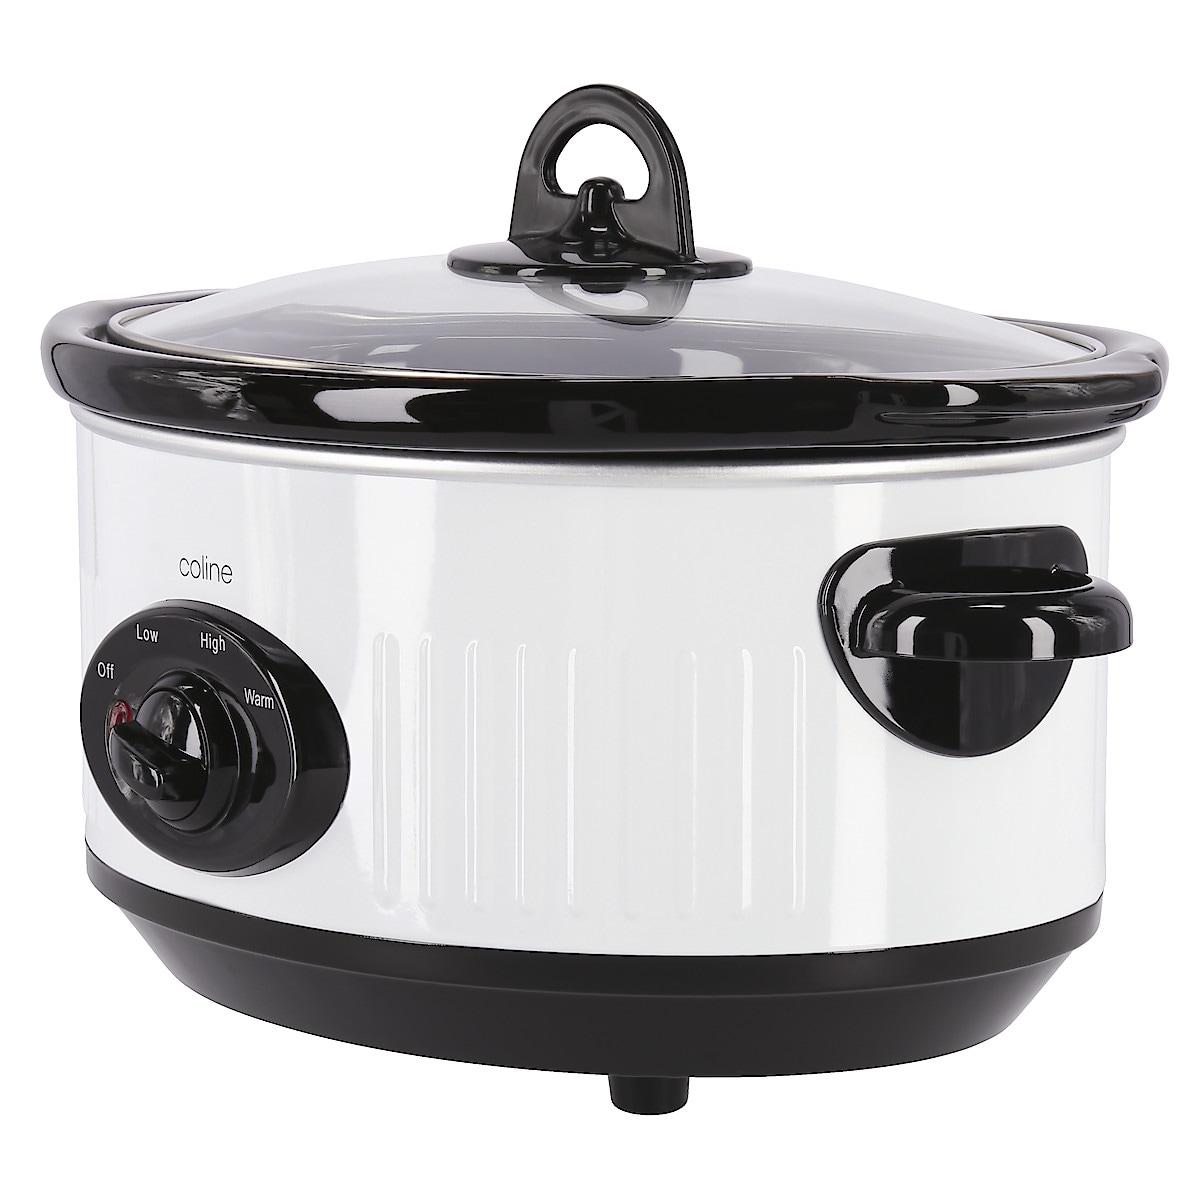 Coline 3.5 L Slow Cooker